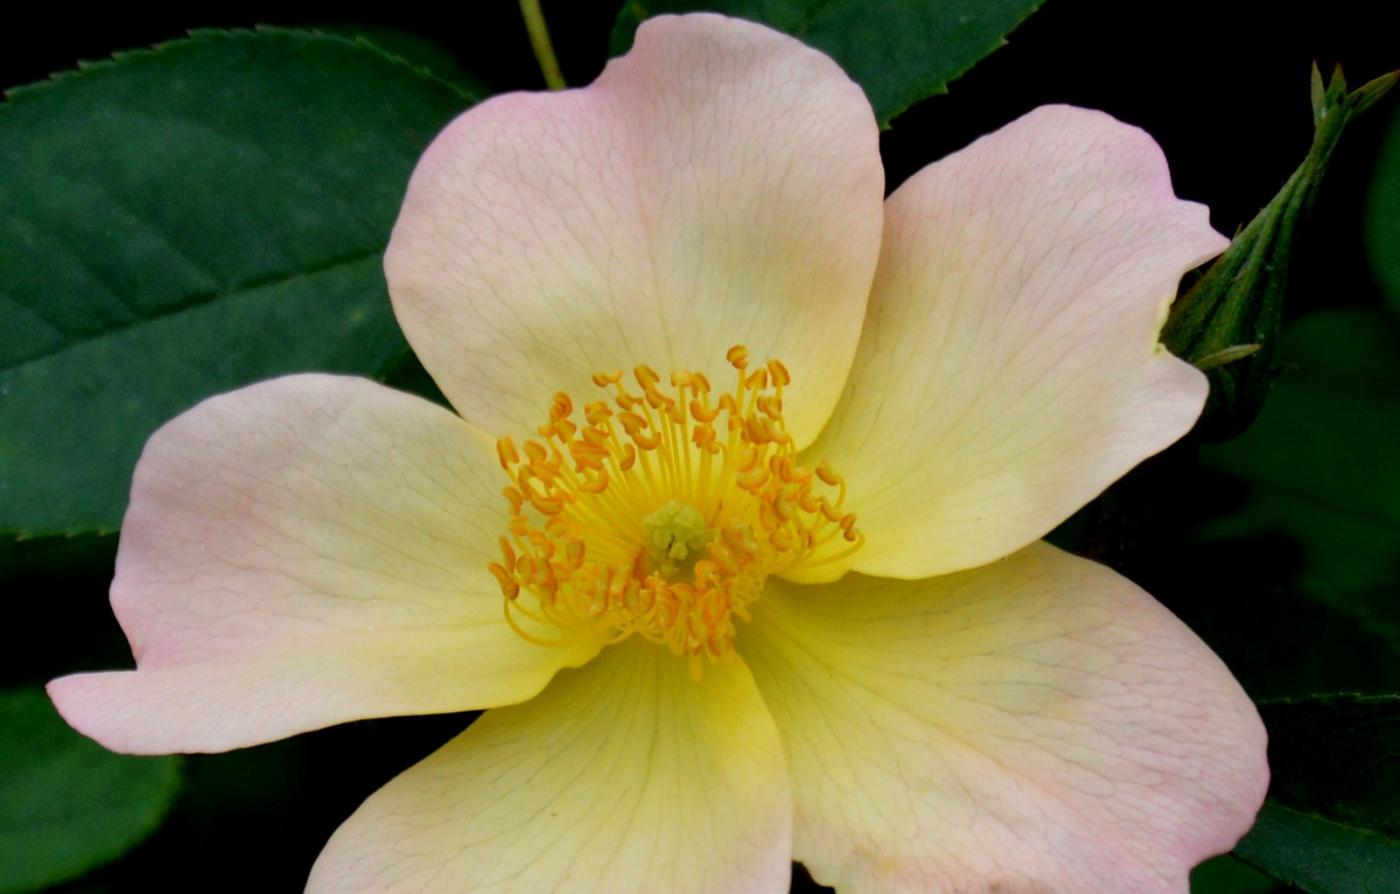 美丽的花蕊 (2)_图1-2